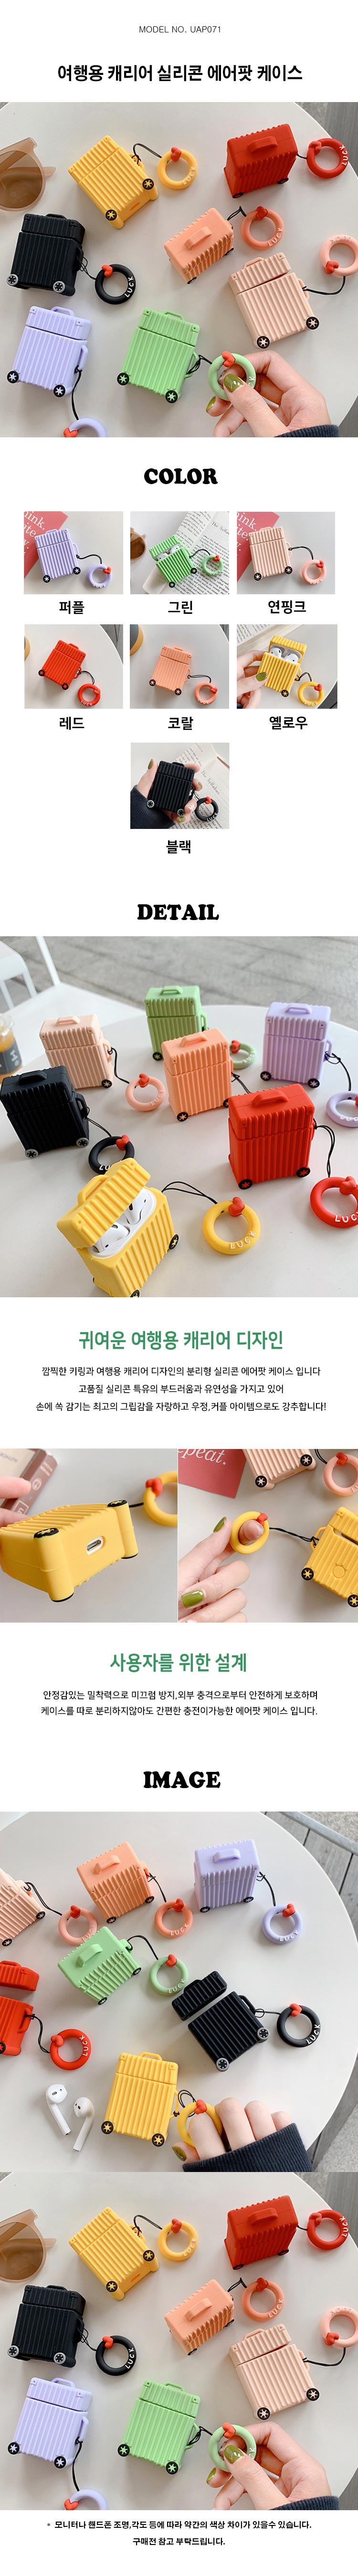 애플 에어팟 귀여운 캐리어 실리콘 케이스 핑거링 - 유니커블, 9,700원, 이어폰, 이어폰 악세서리